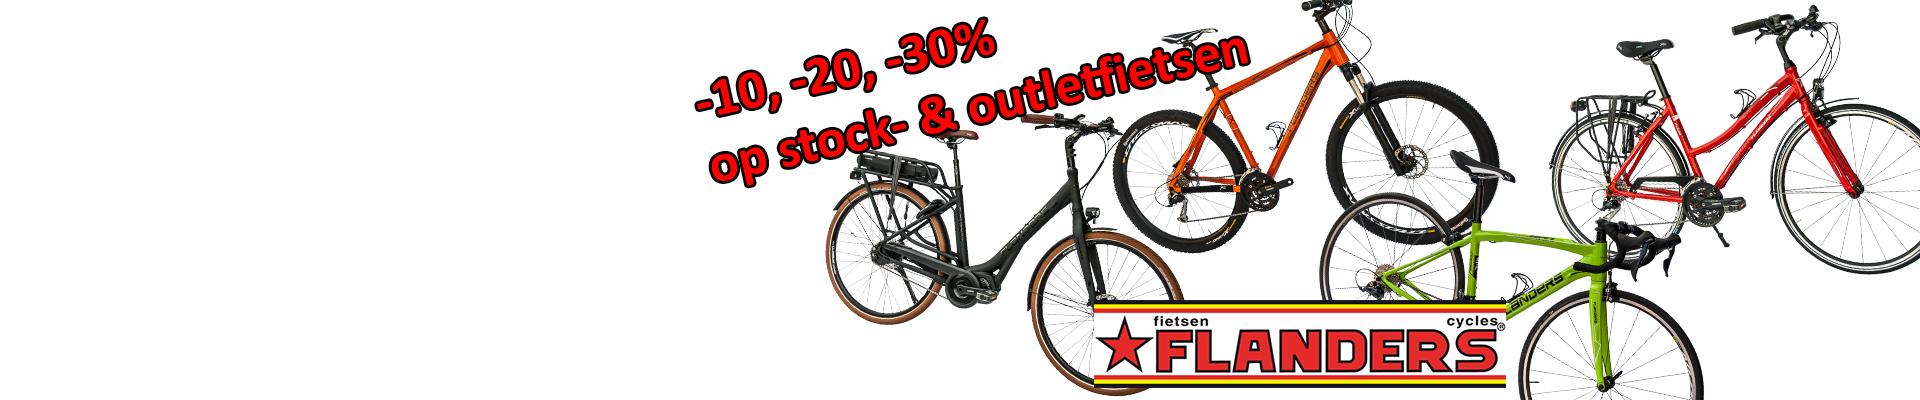 Flanders fietsen